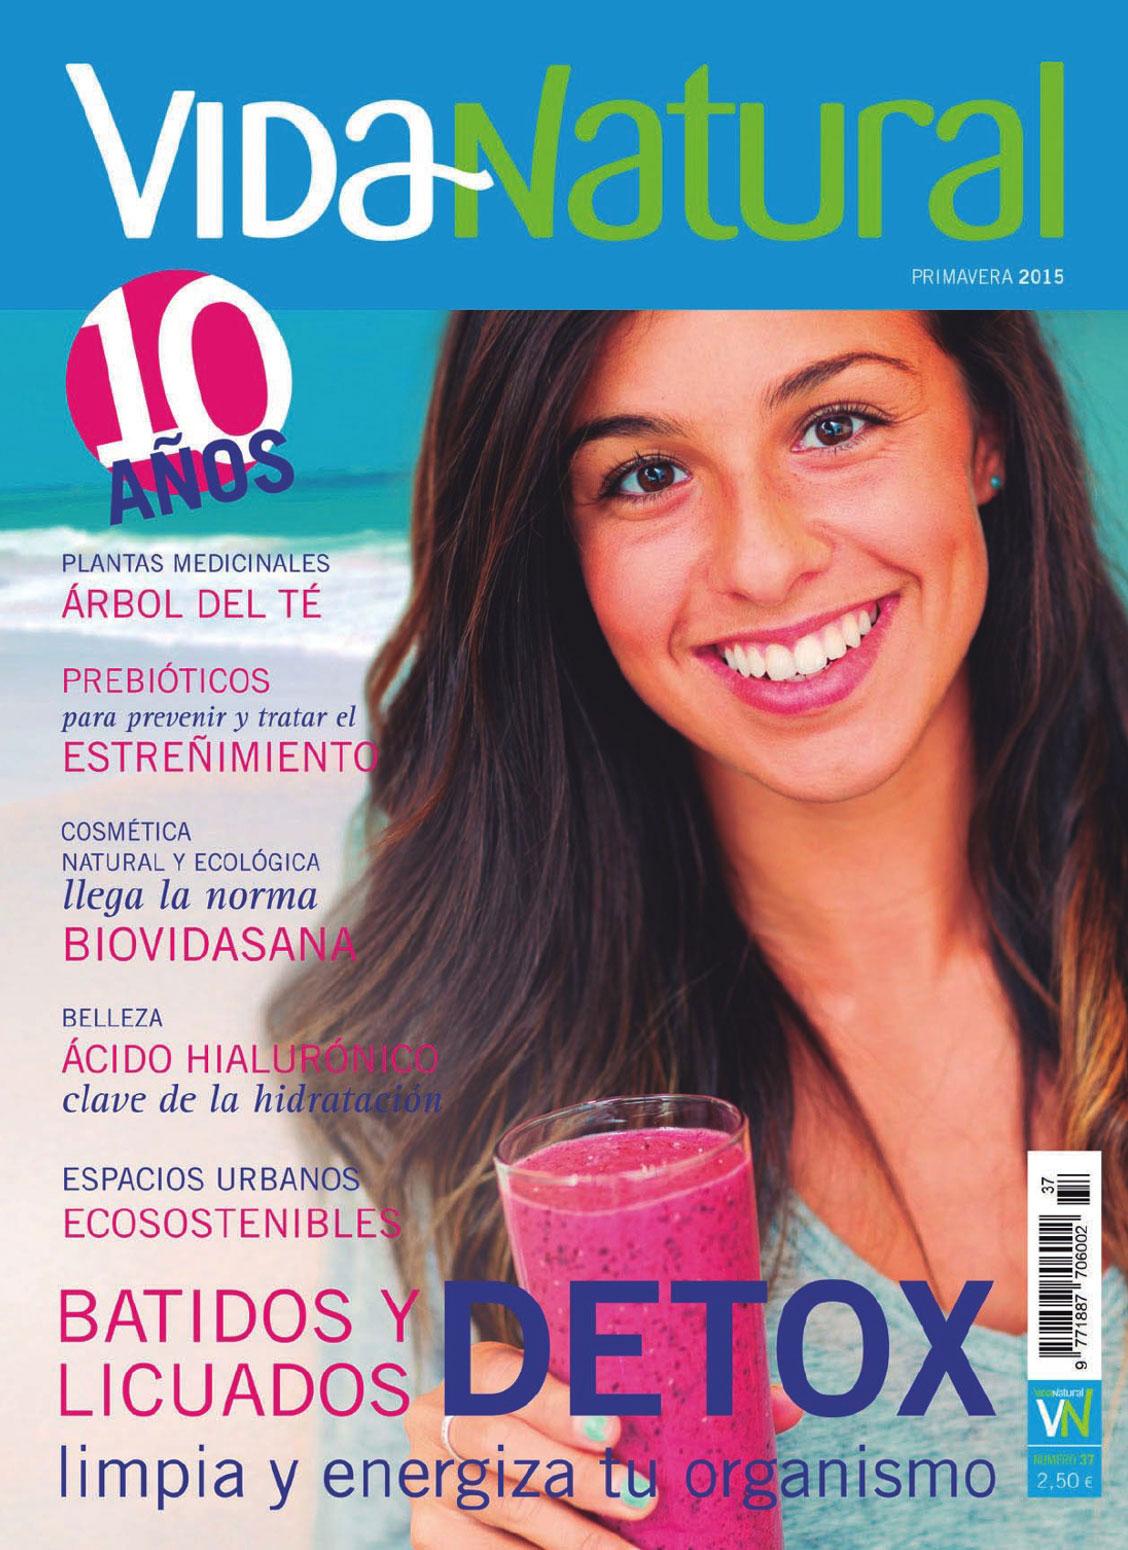 Revista Vida Natural nº 37